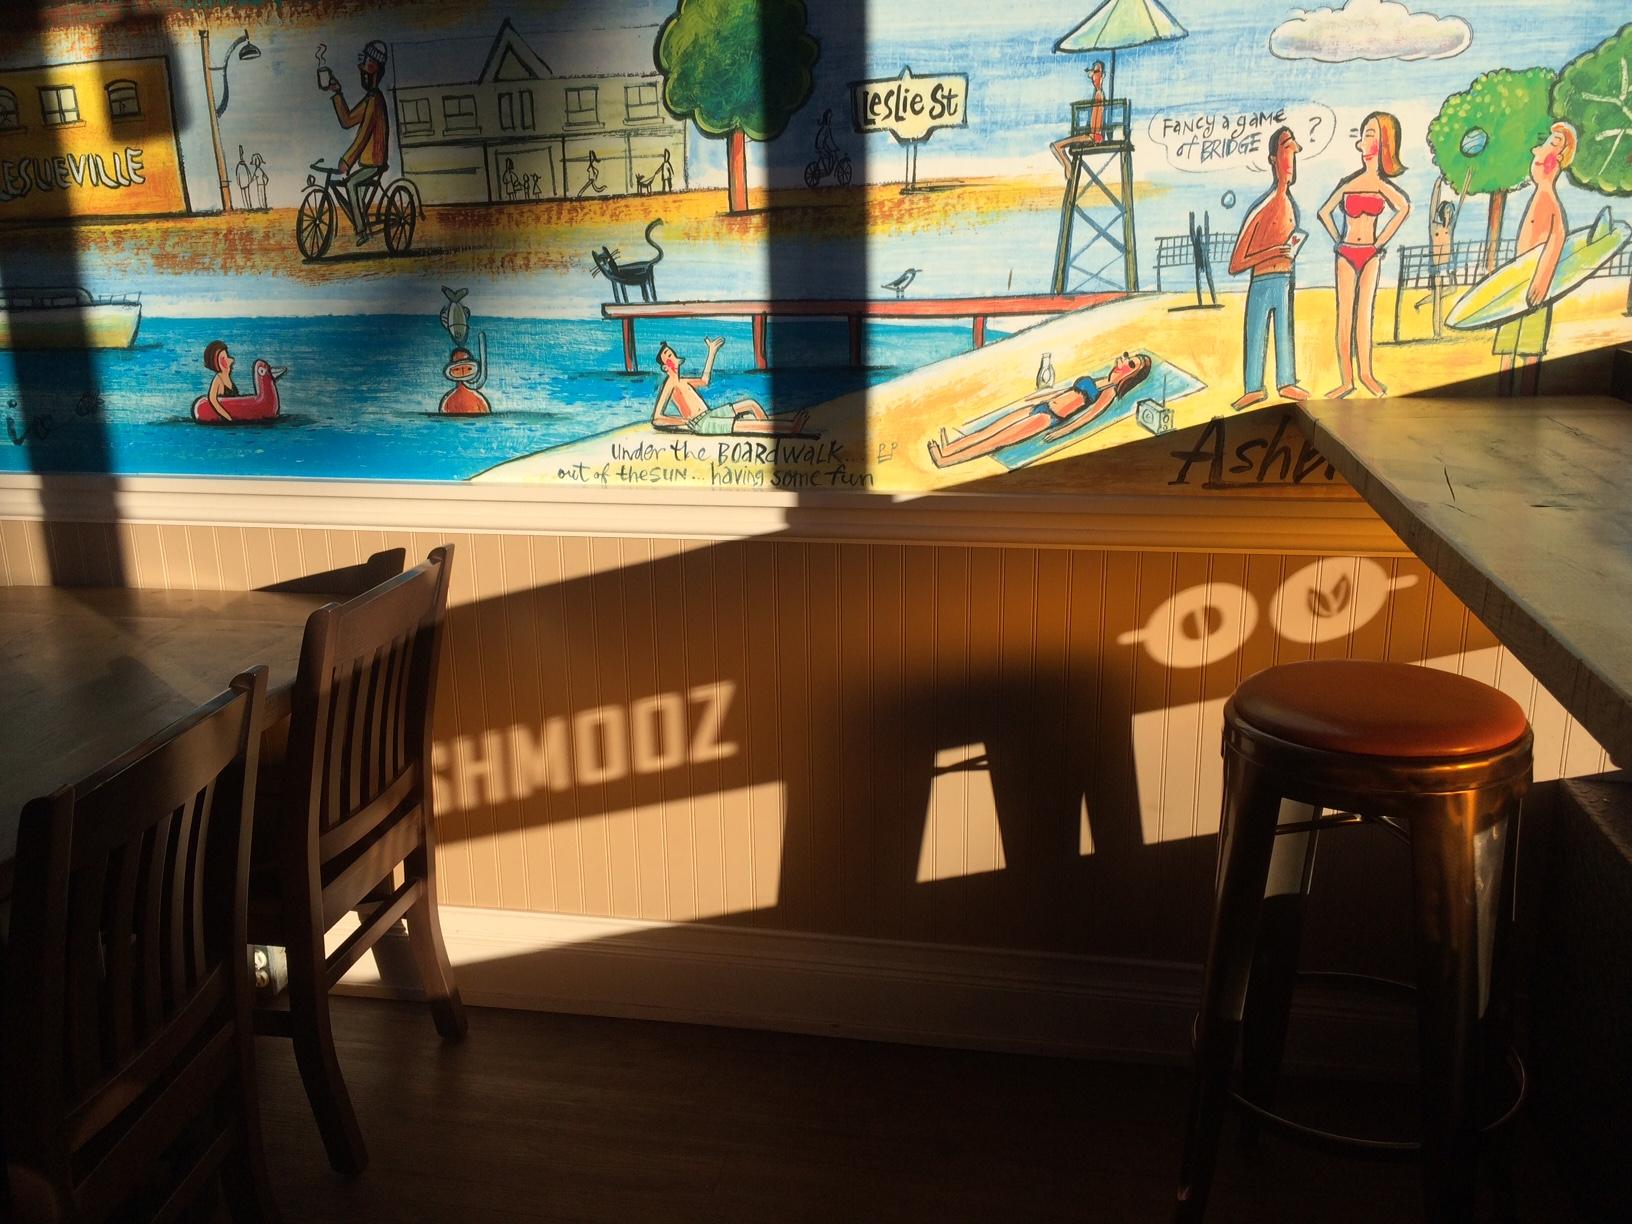 wall of Shmooz with Shmooz shadow.jpg